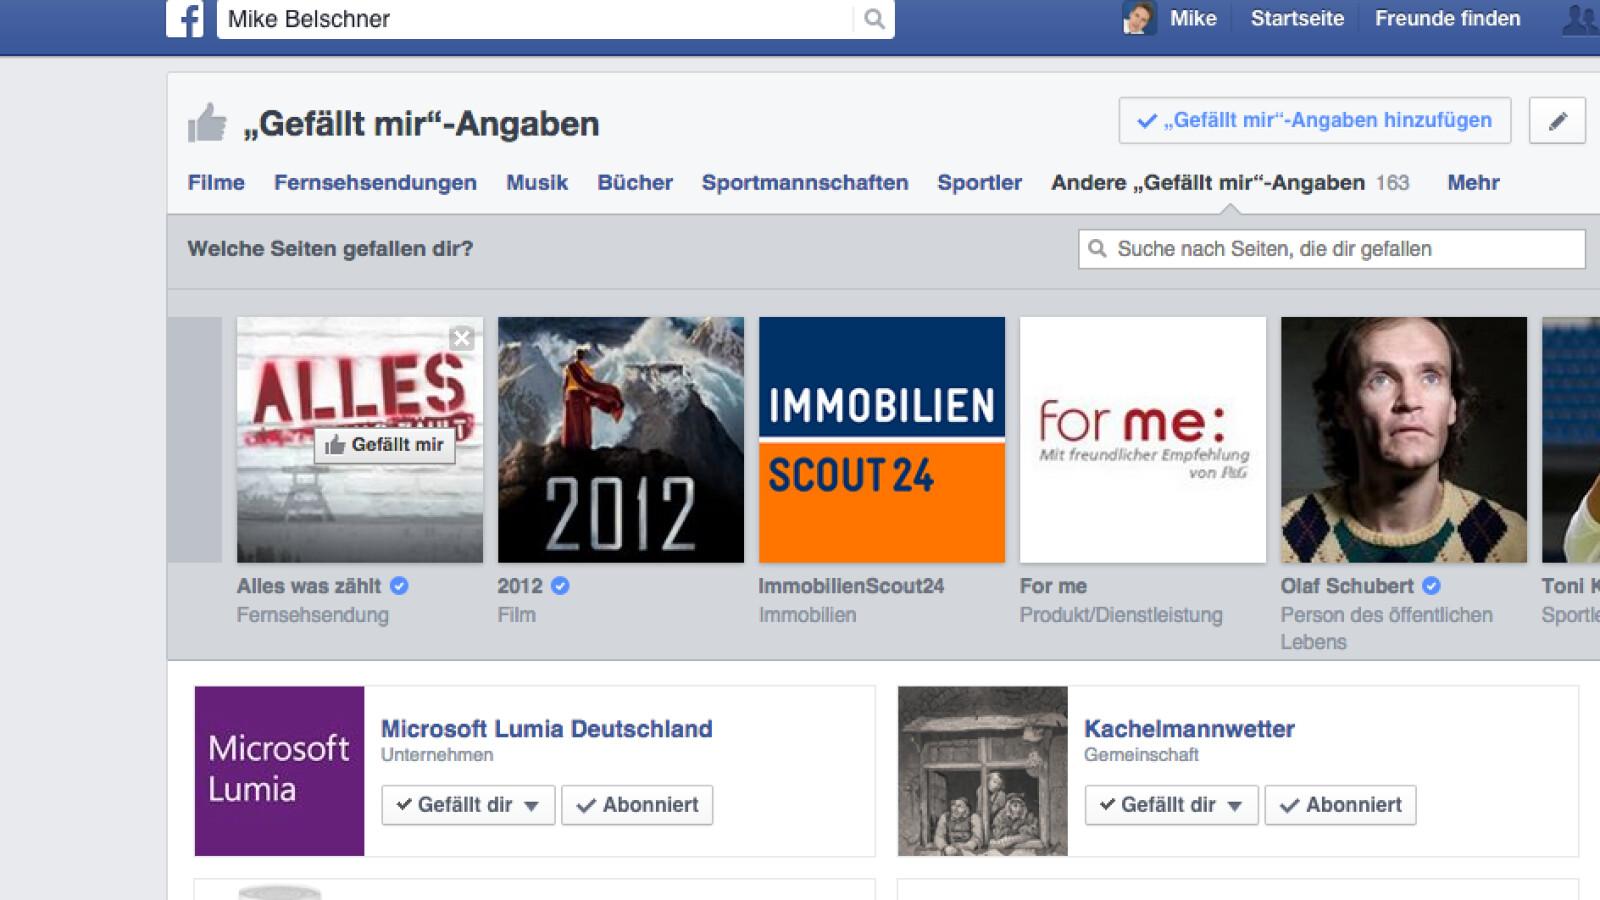 Zweites Facebook Profil